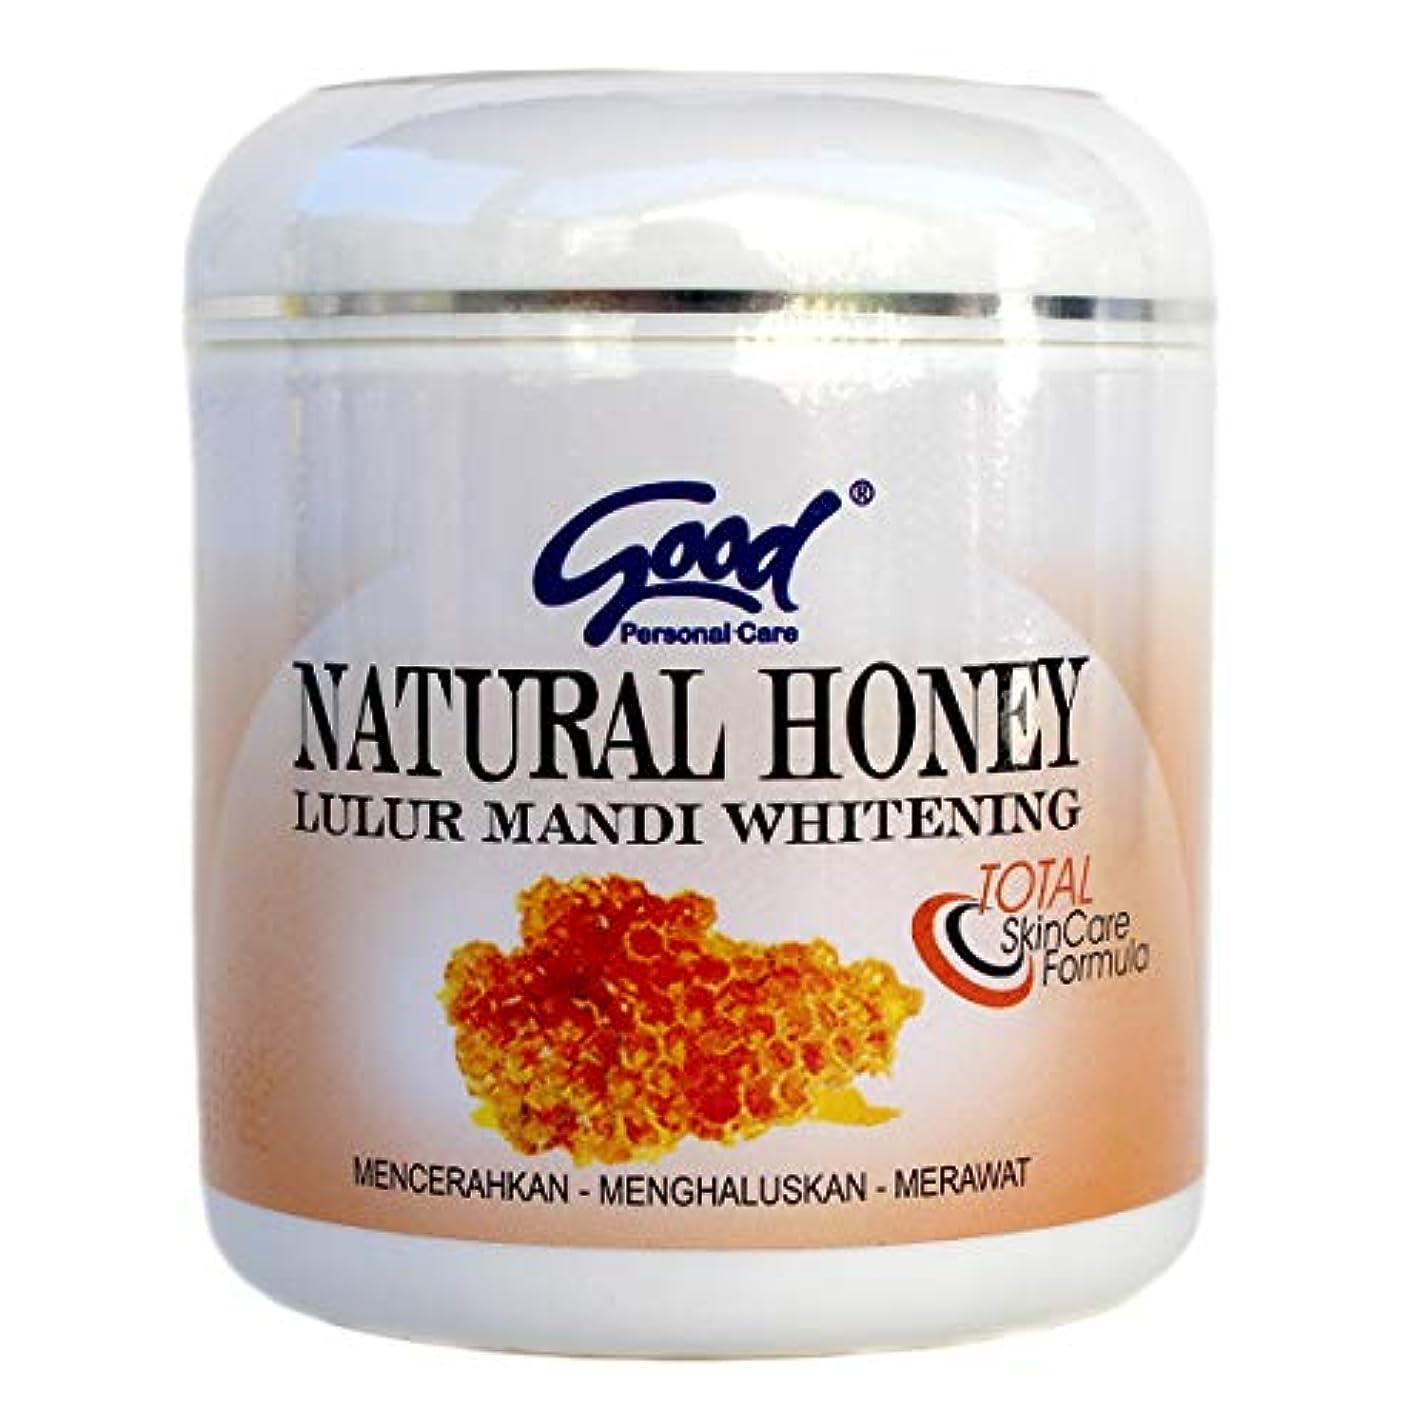 降伏模索フローgood グッド インドネシアバリ島の伝統的なボディスクラブ Lulur Mandi マンディルルール 200g Natural Honey ナチュラルハニー [海外直送品]